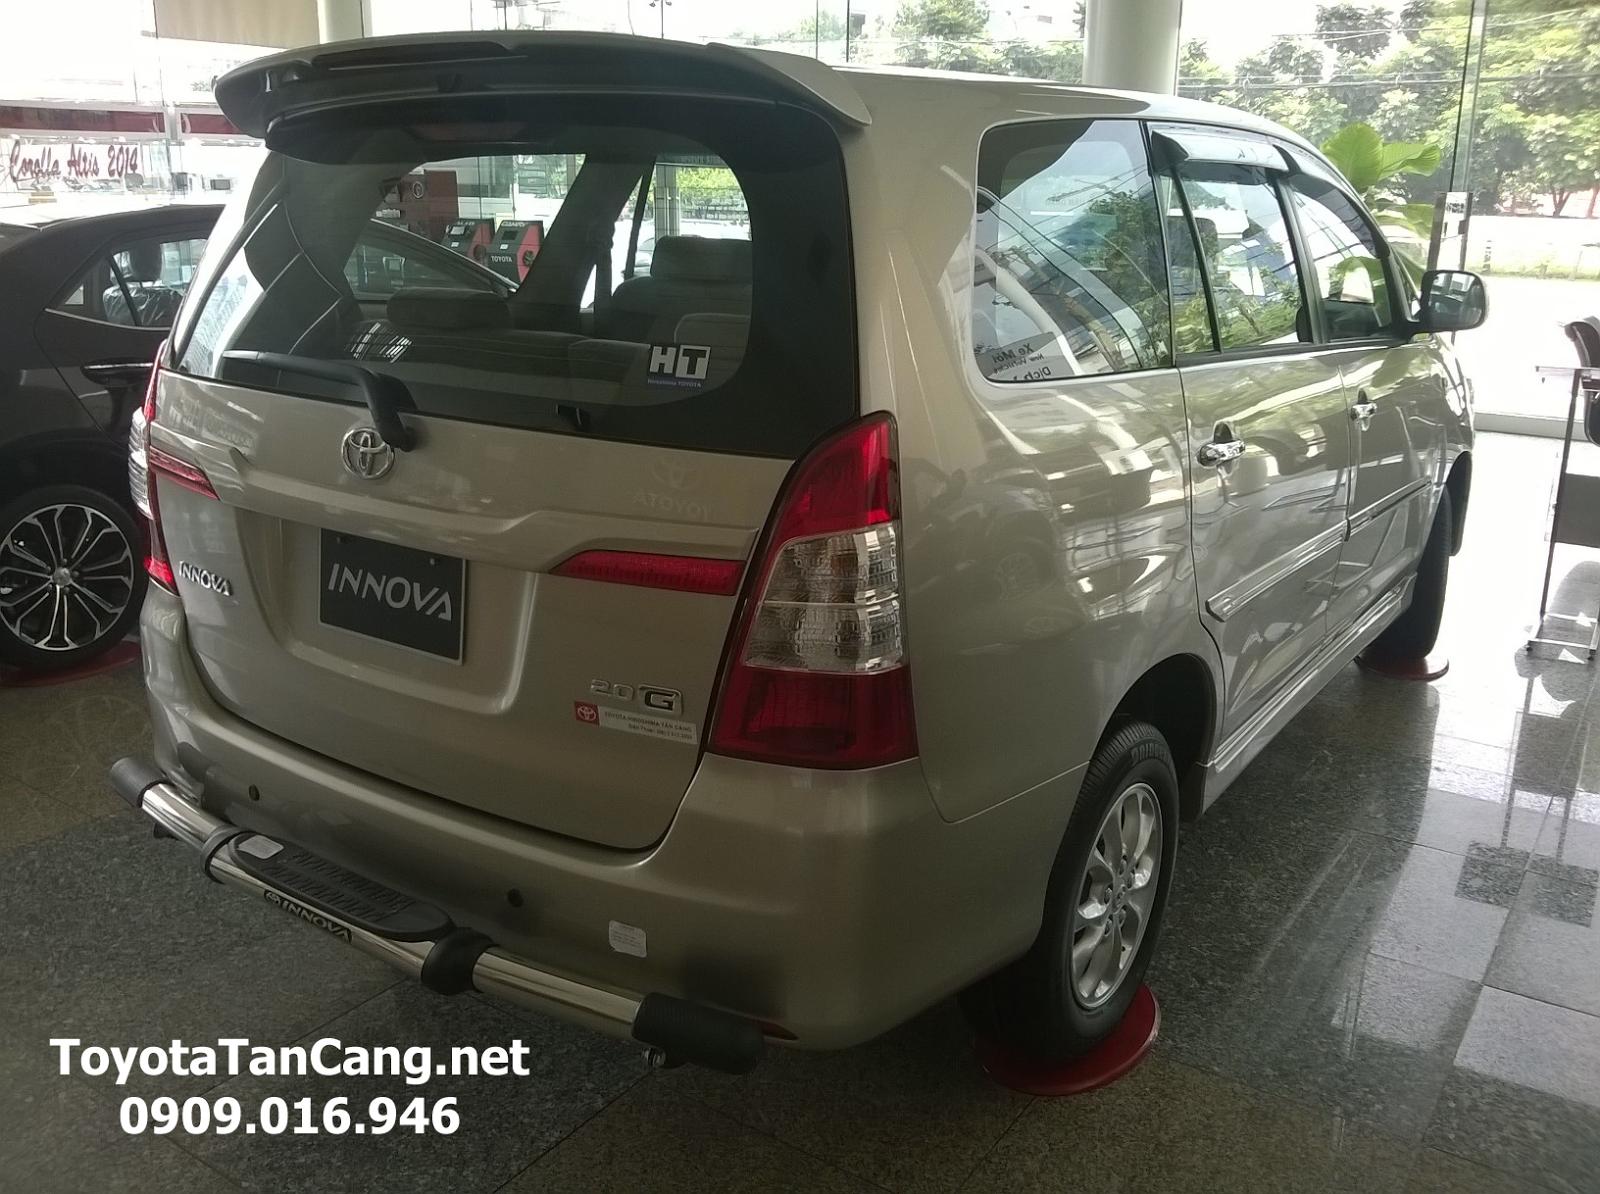 toyota innova g 2015 toyota tan cang 3 - Đánh giá Toyota Innova G 2015 - Chiếc xe bảo vệ môi trường - Muaxegiatot.vn